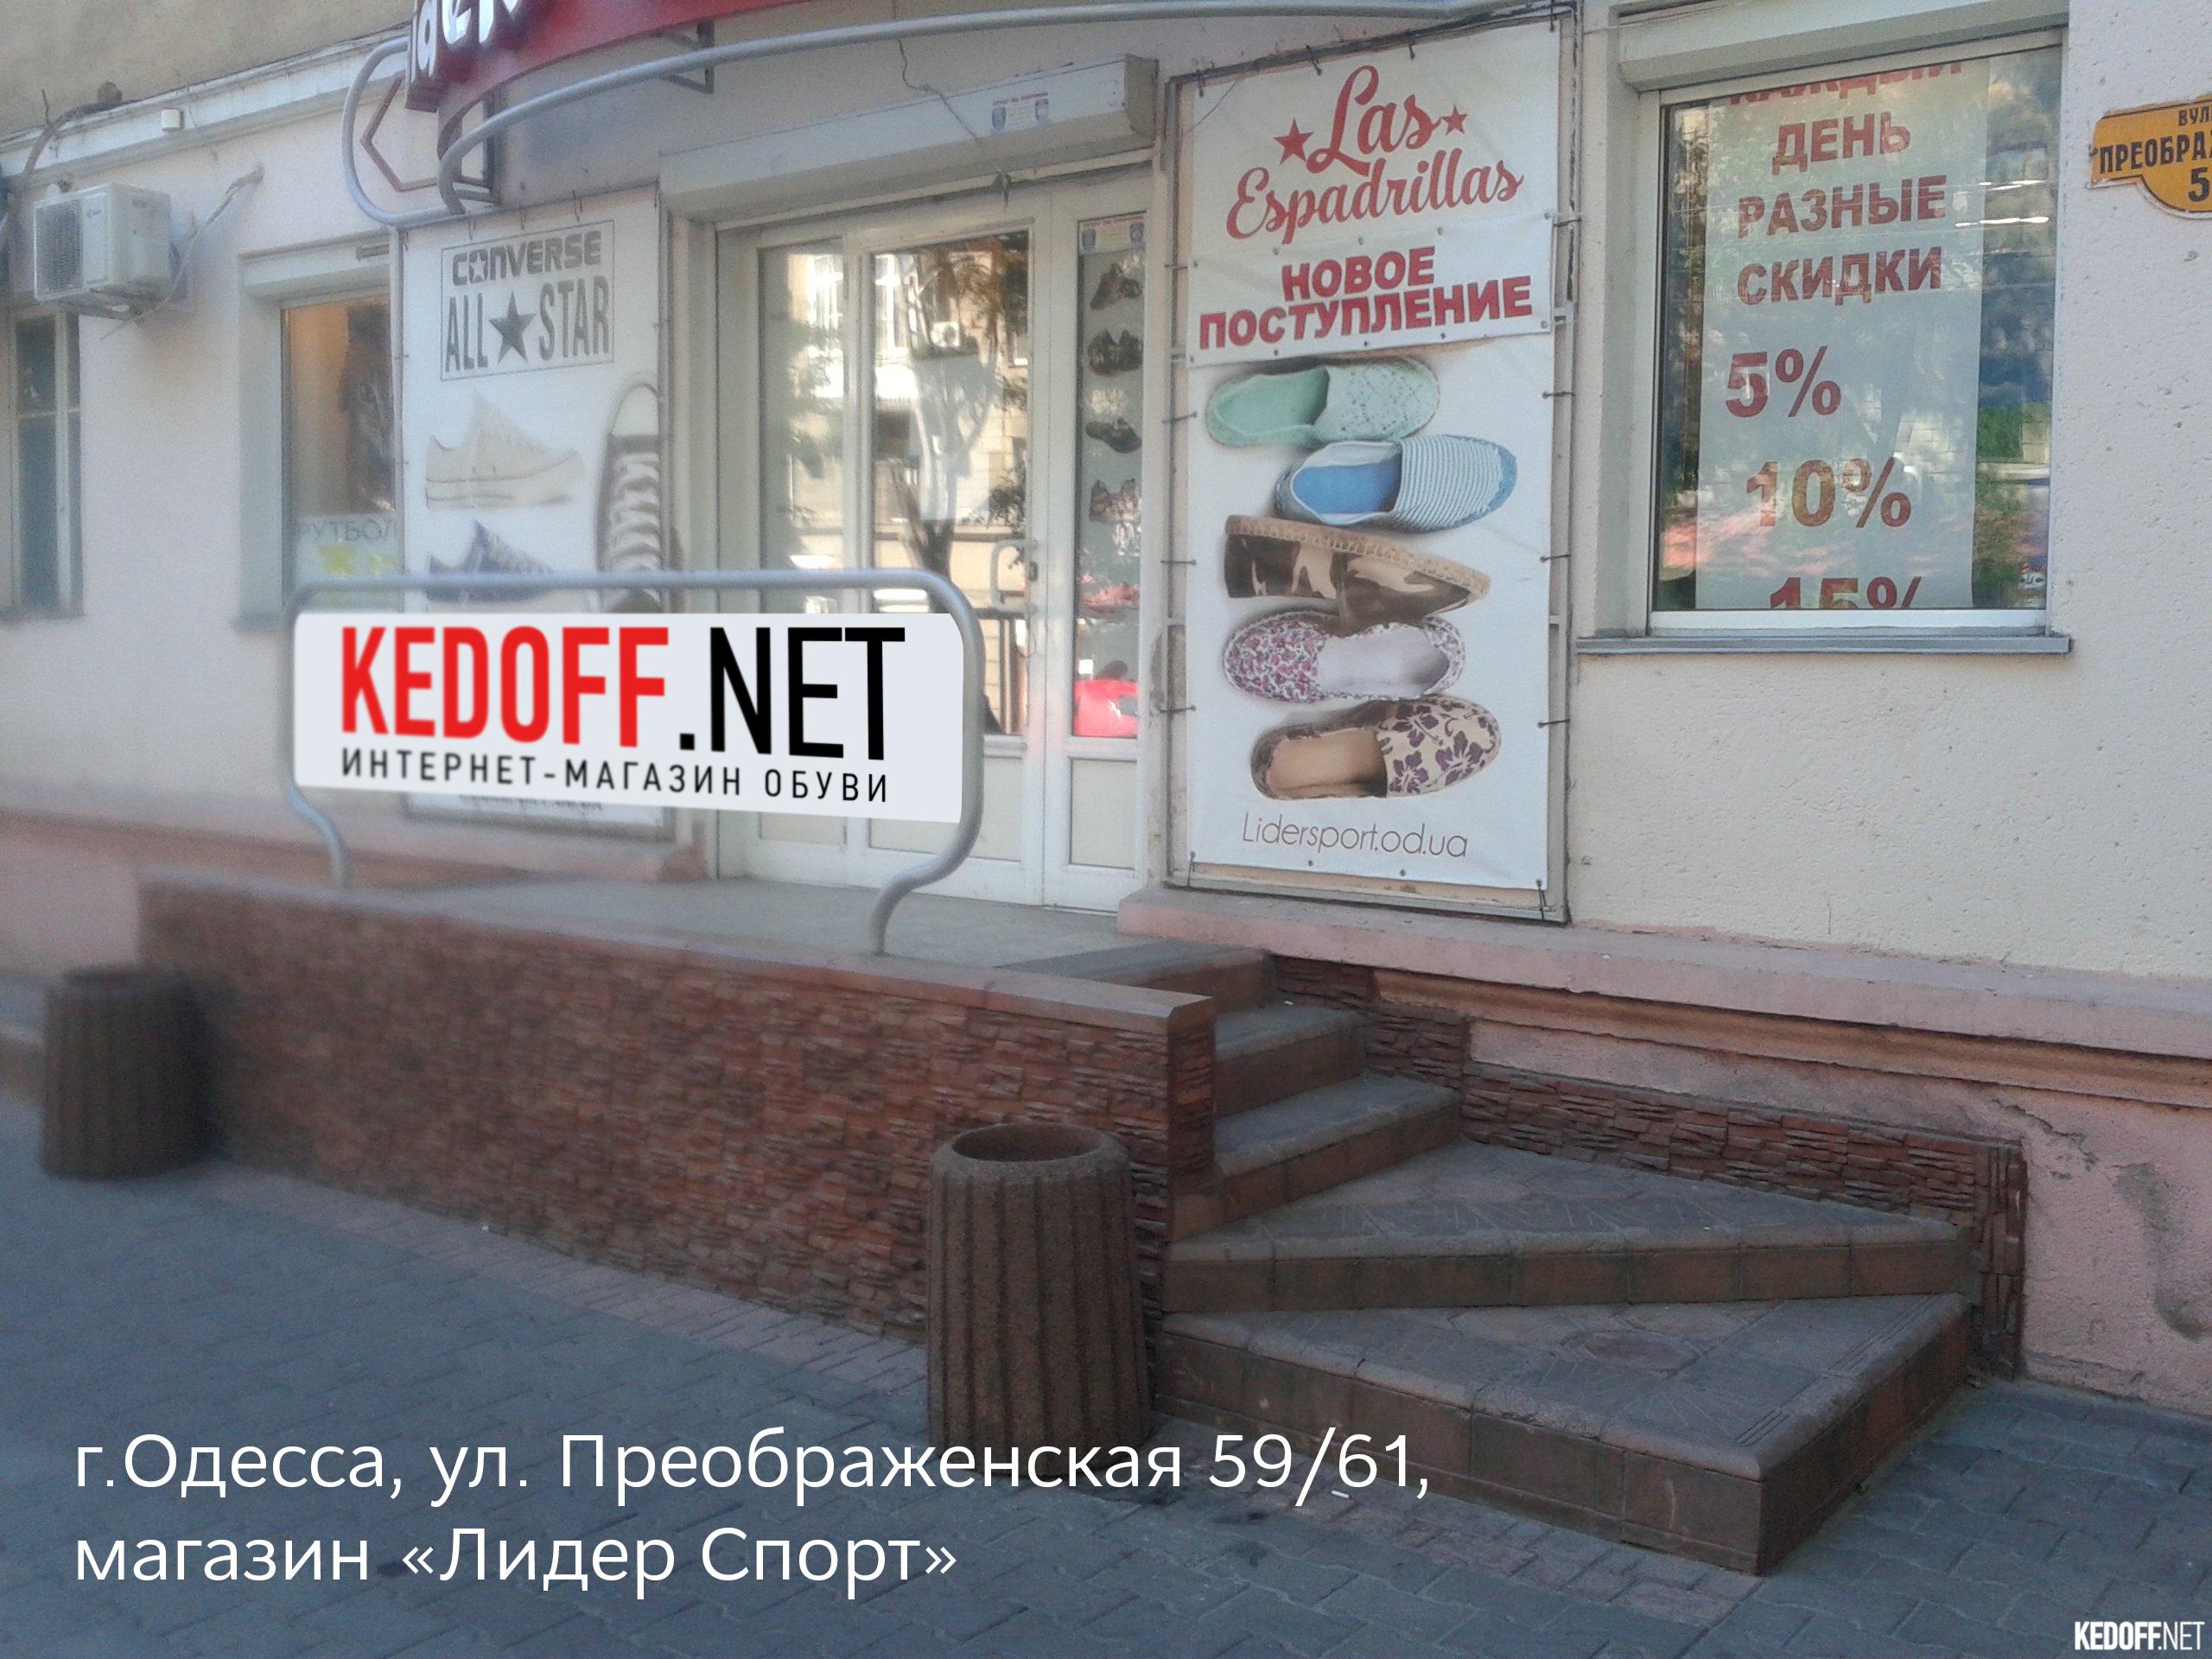 Магазин Kedoff.net теперь в Одессе